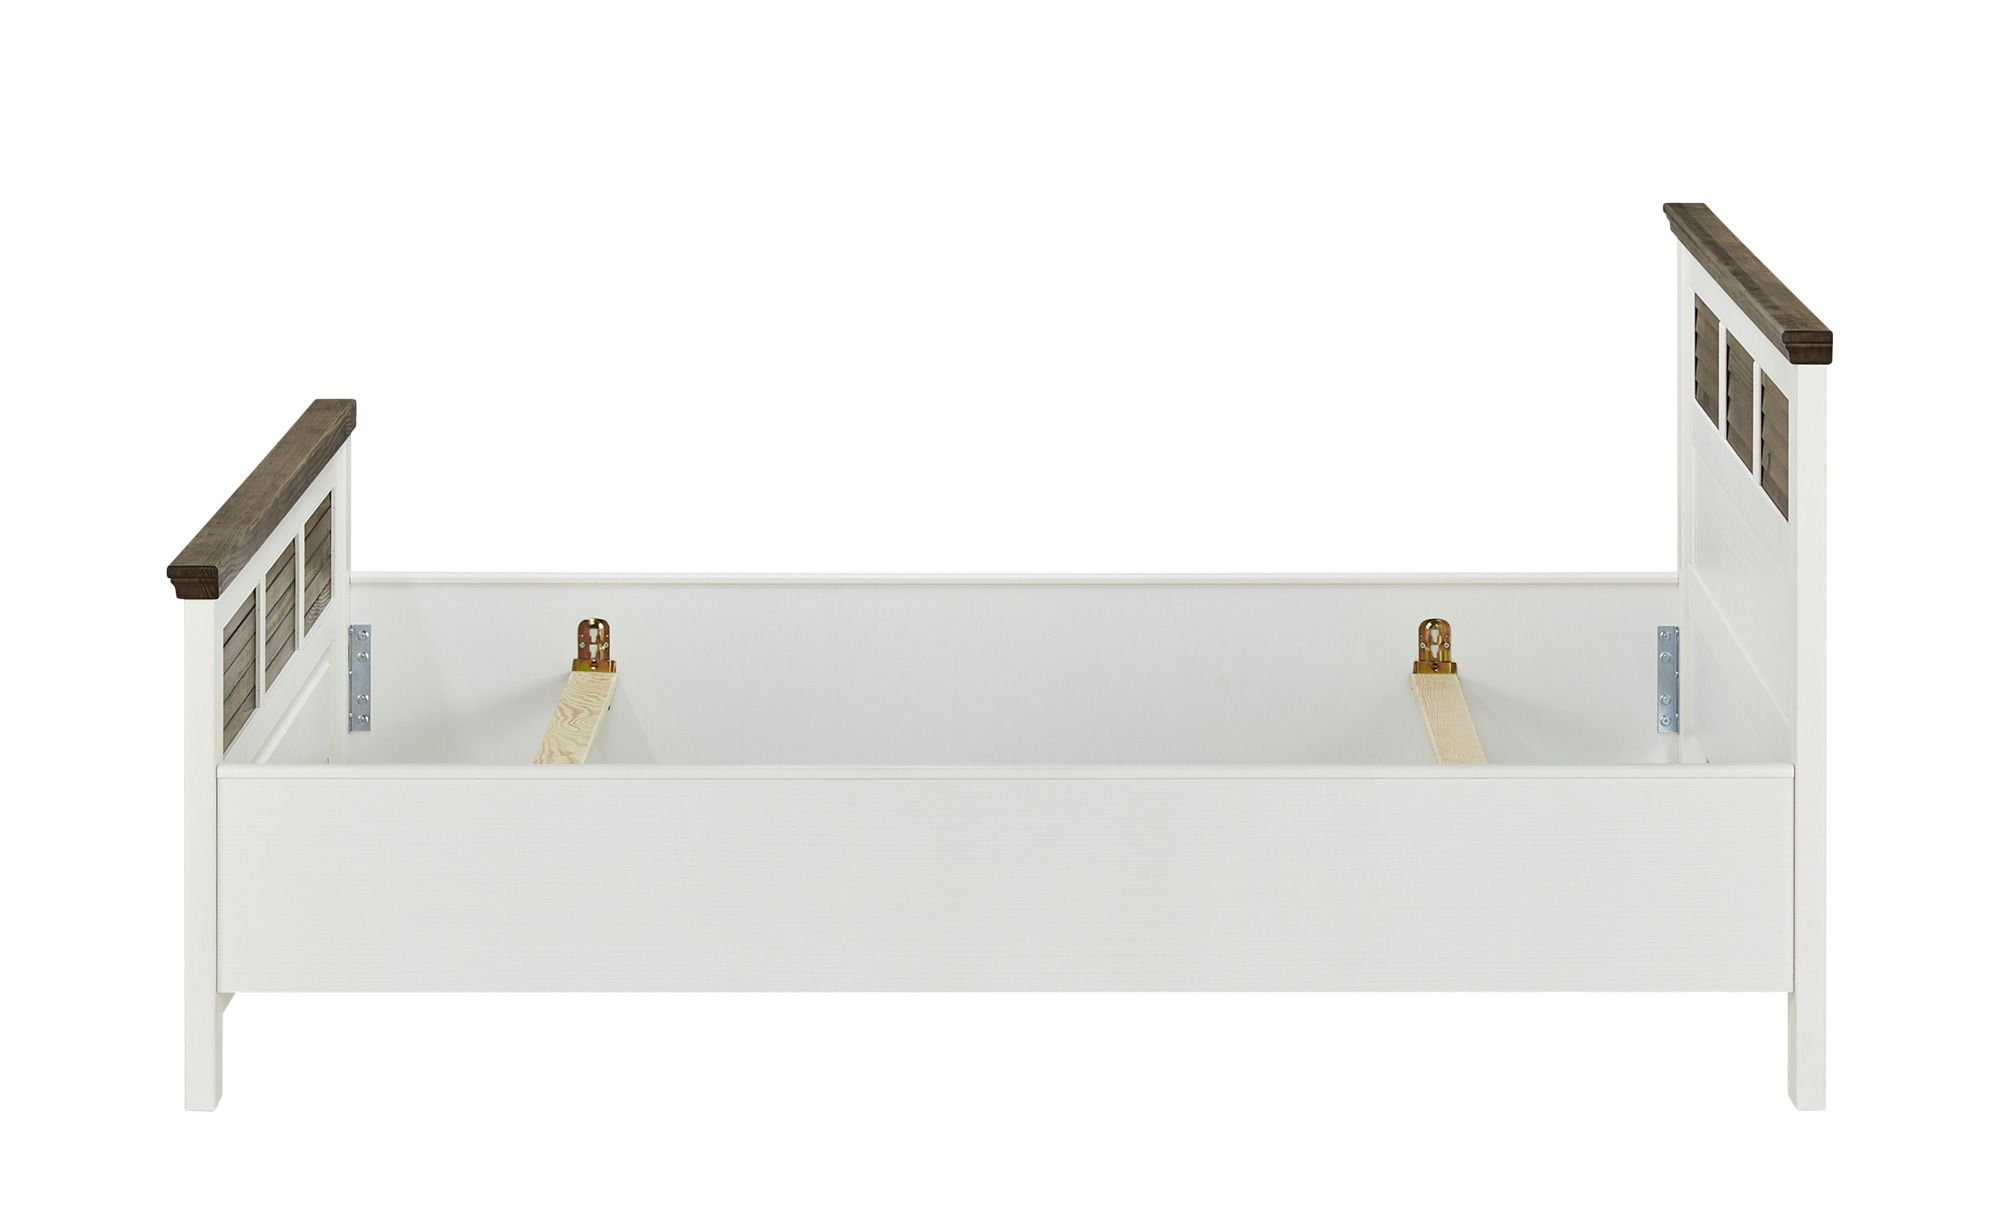 Doppelbettgestell 160x200 - weiß/braun - Pinie - Landhaus-Stil Laguna ¦ weiß ¦ Maße (cm): B: 171 H: 100 T: 211 Betten > Futonbetten - Höffner